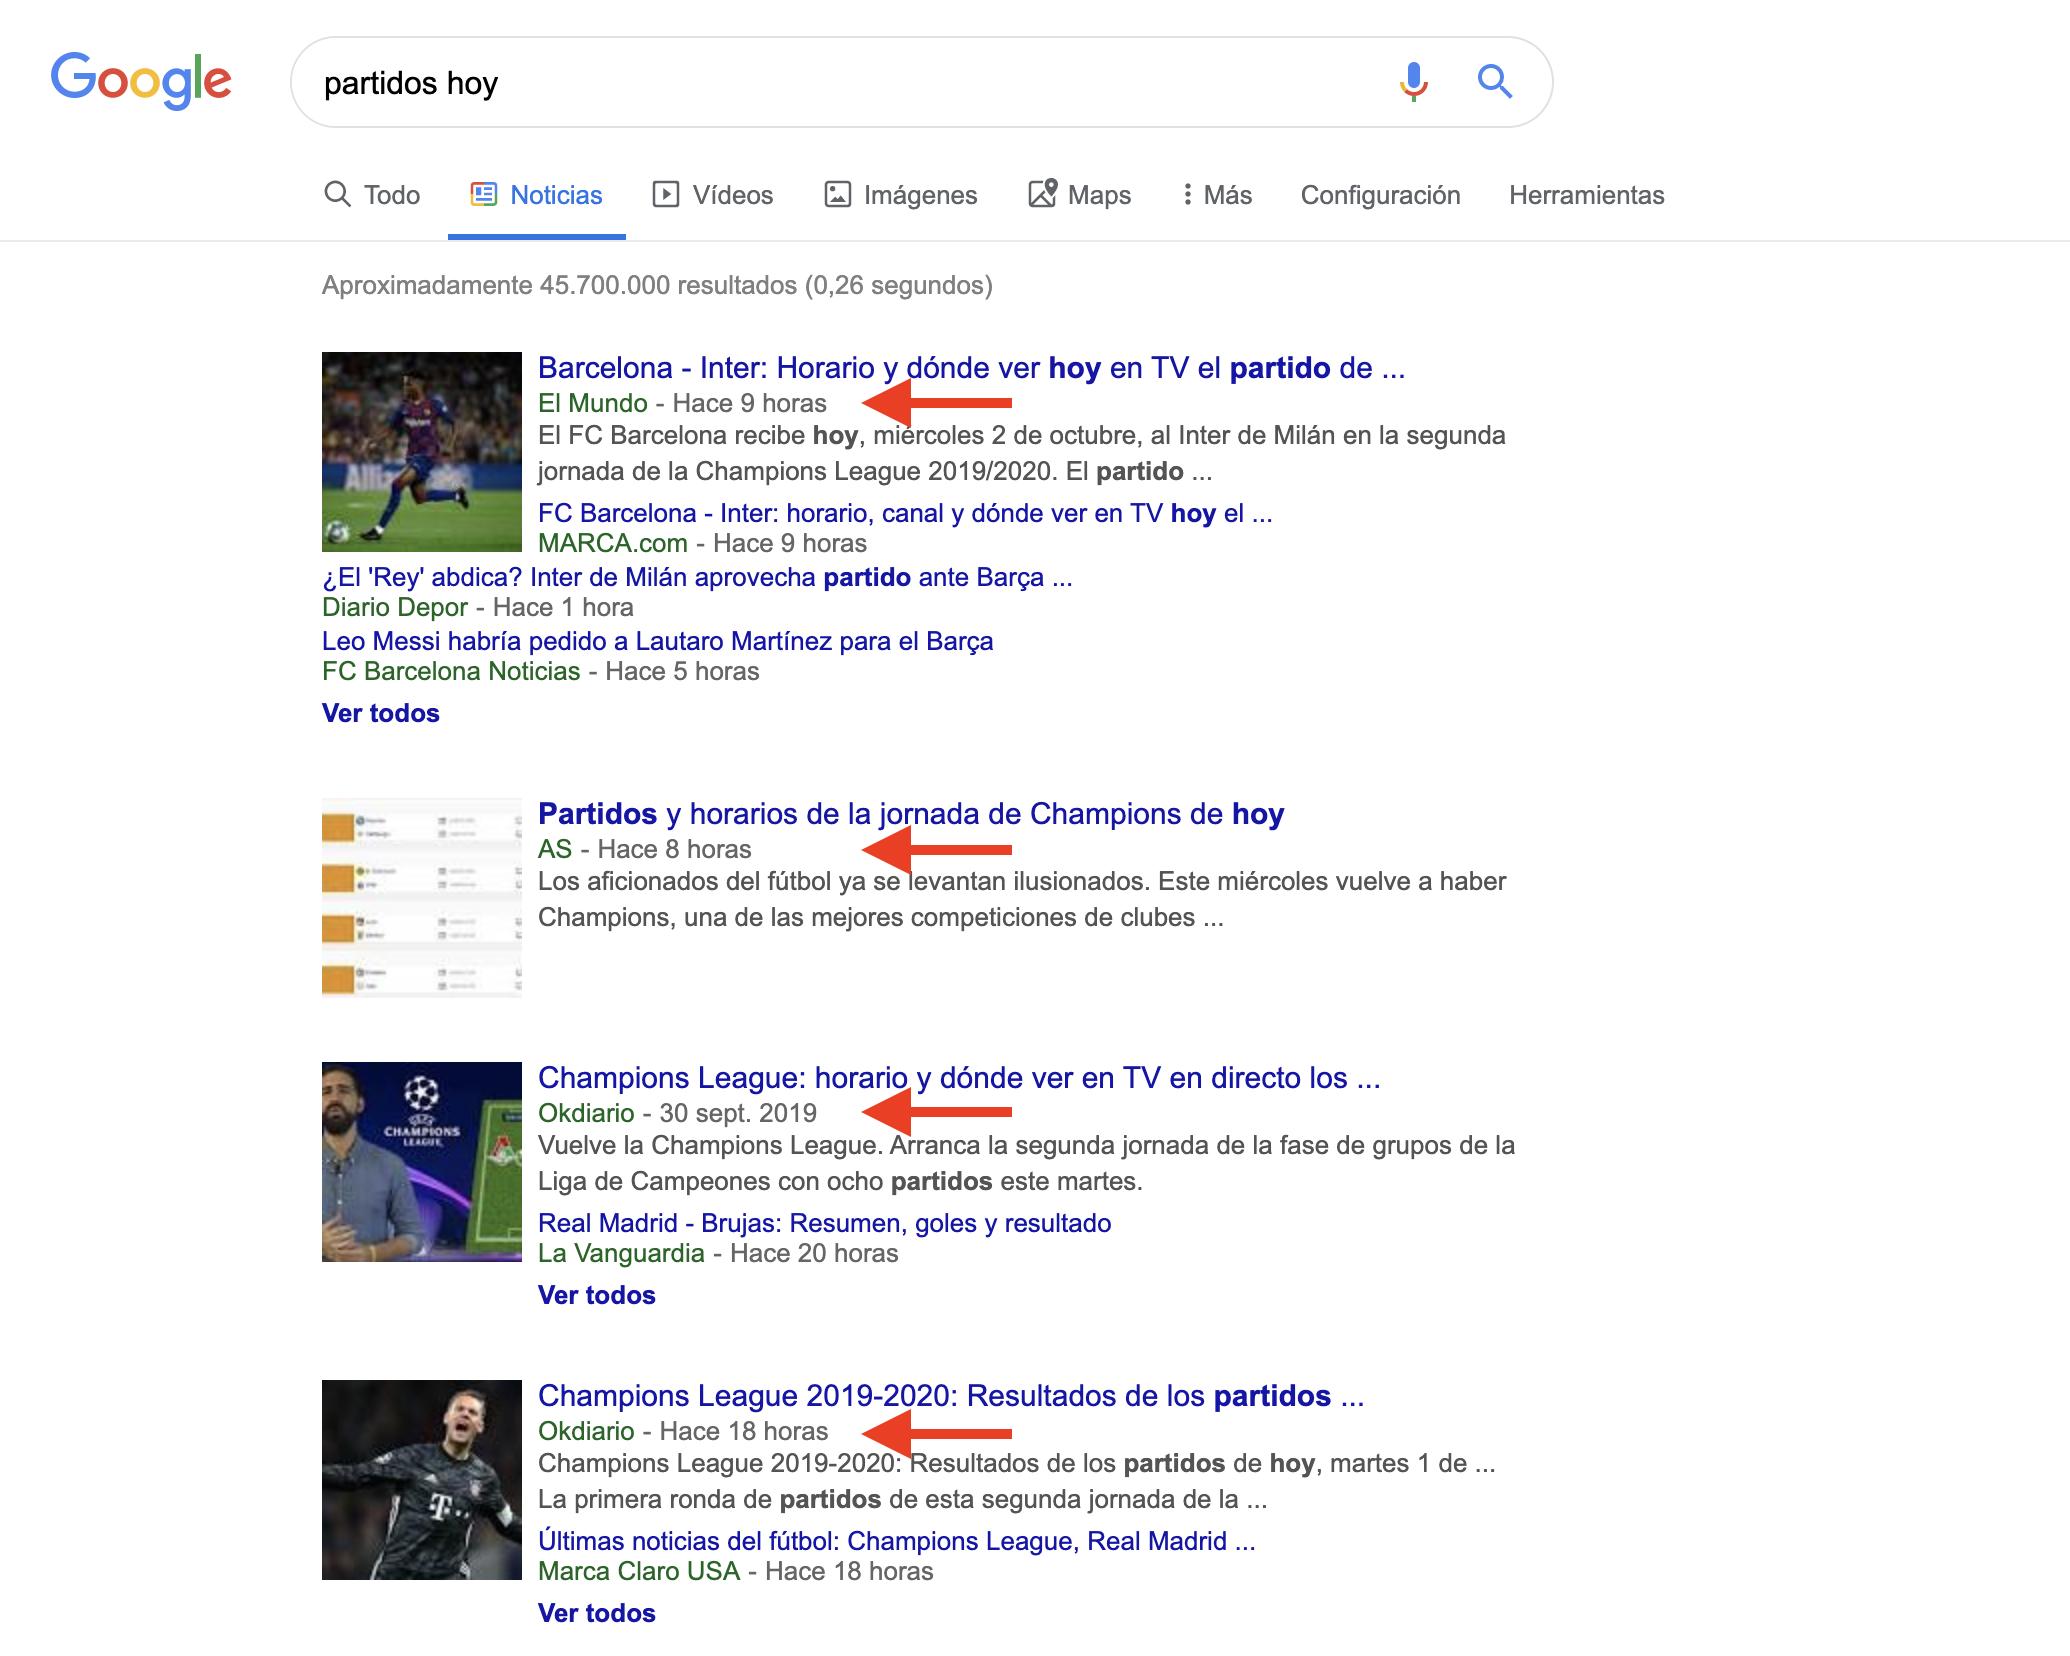 Búsqueda avanzada en Google - Sección de noticias